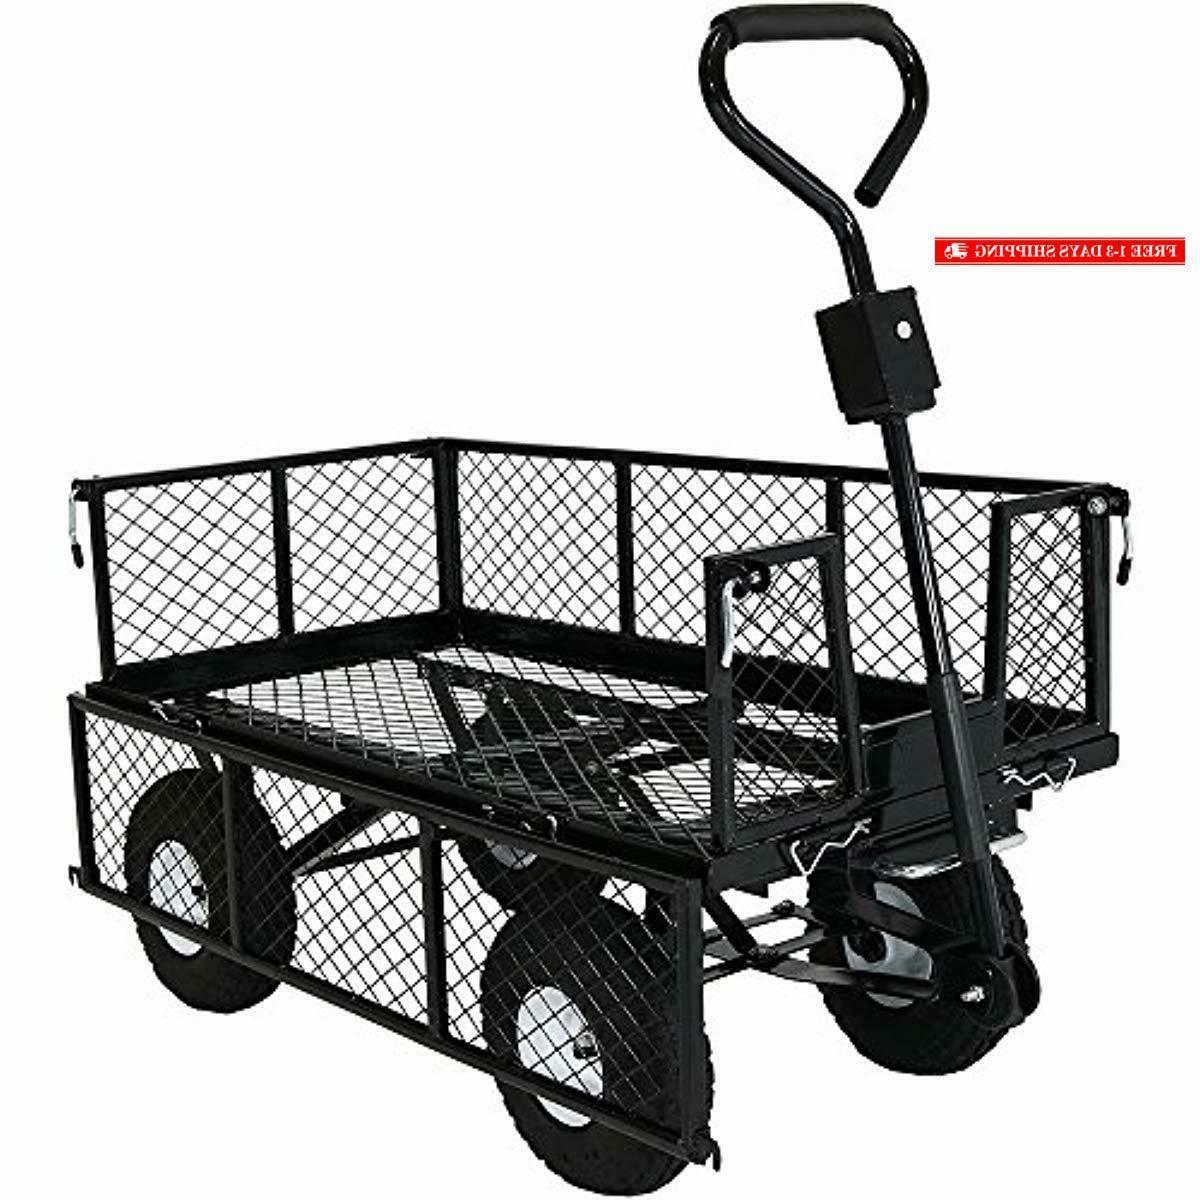 Sunnydaze Utility Garden Wagon